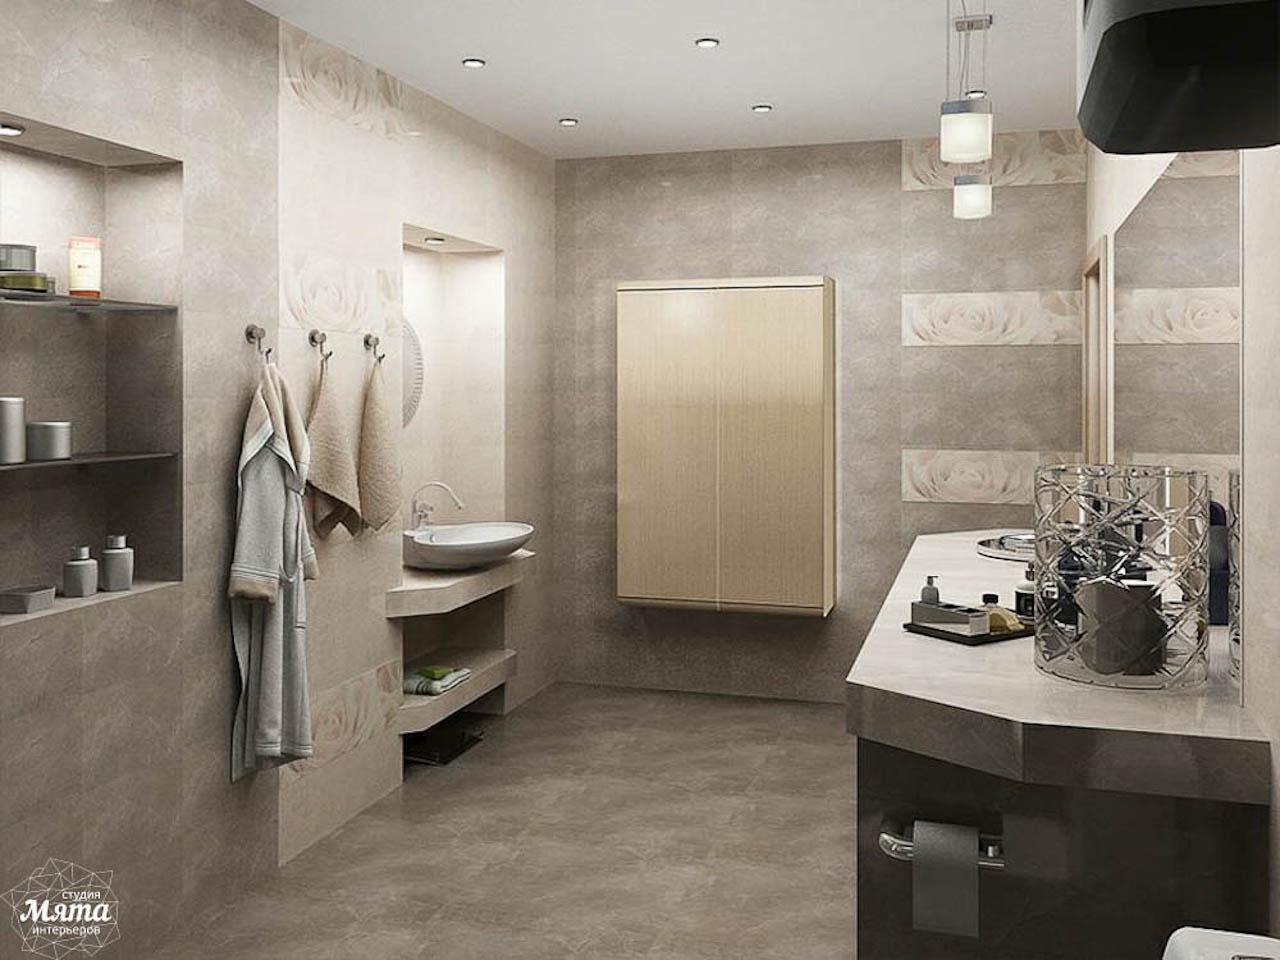 Дизайн интерьера трехкомнатной квартиры по ул. Грибоедова 26 img1000984063